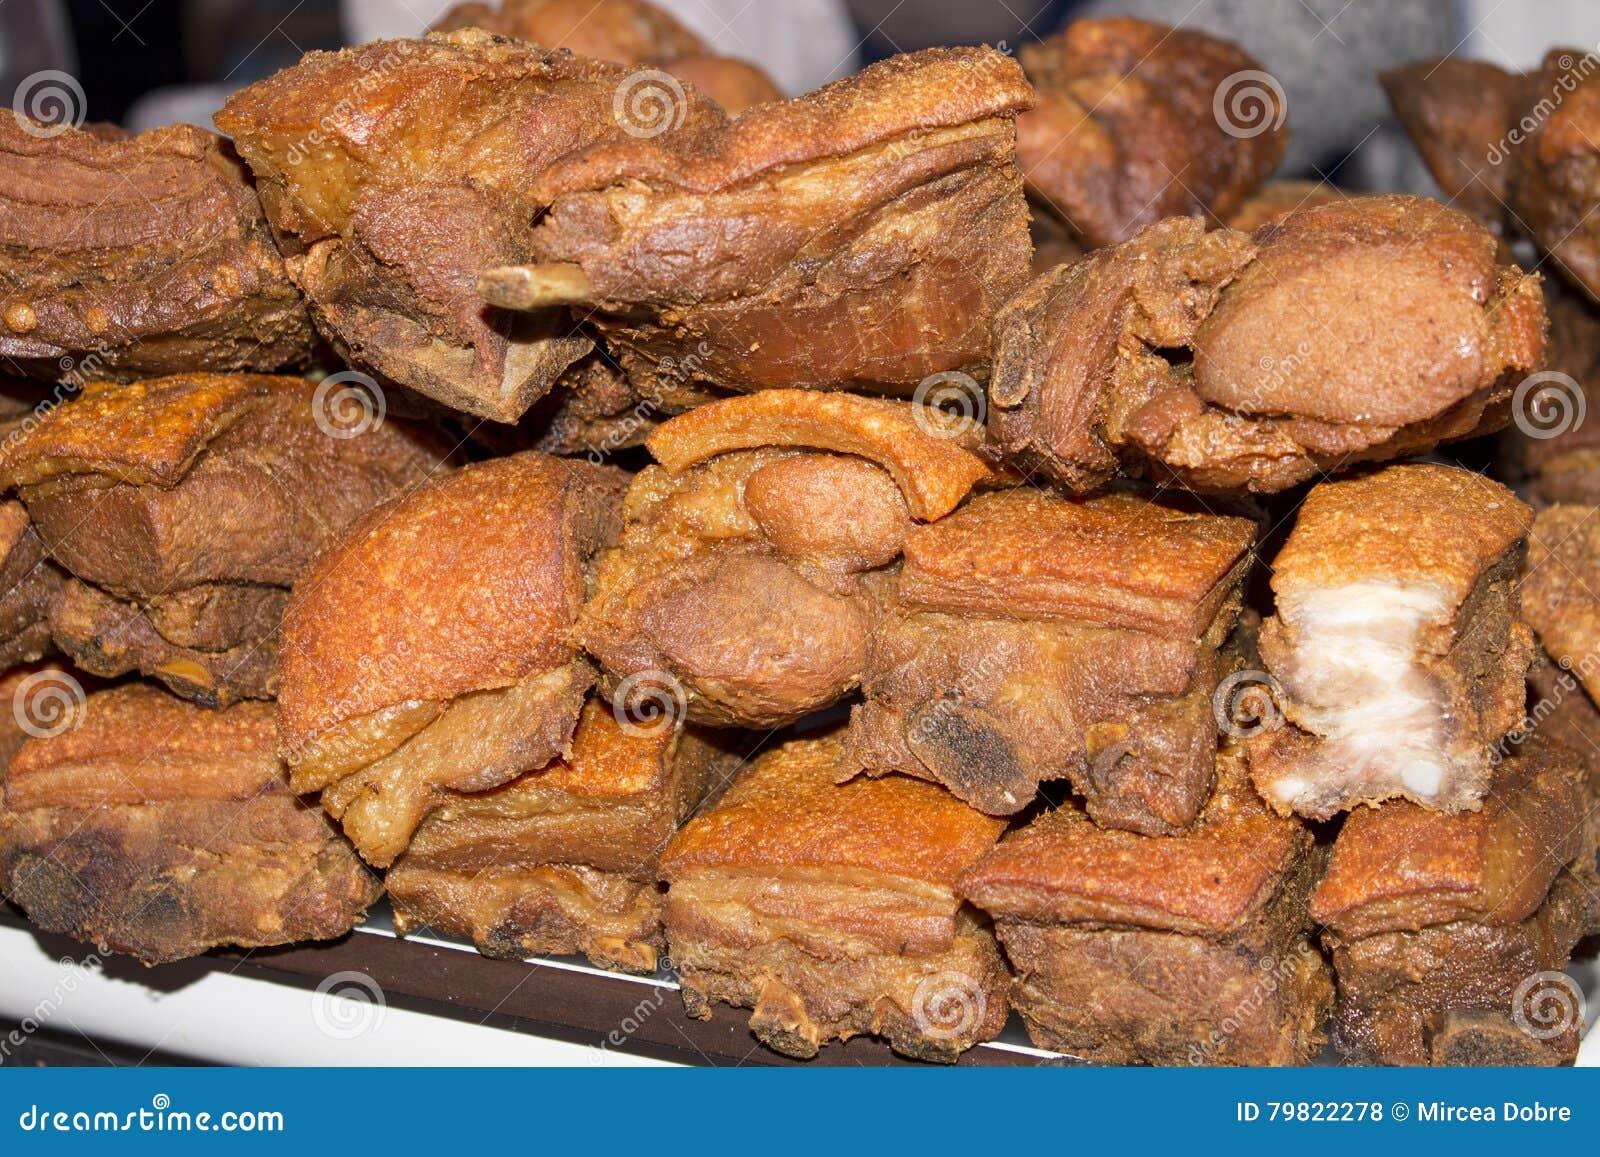 通常包括油煎的猪肚或油煎的猪肉外皮的Chicharron盘 在阿雷基帕,秘鲁生动描述承担一个市场